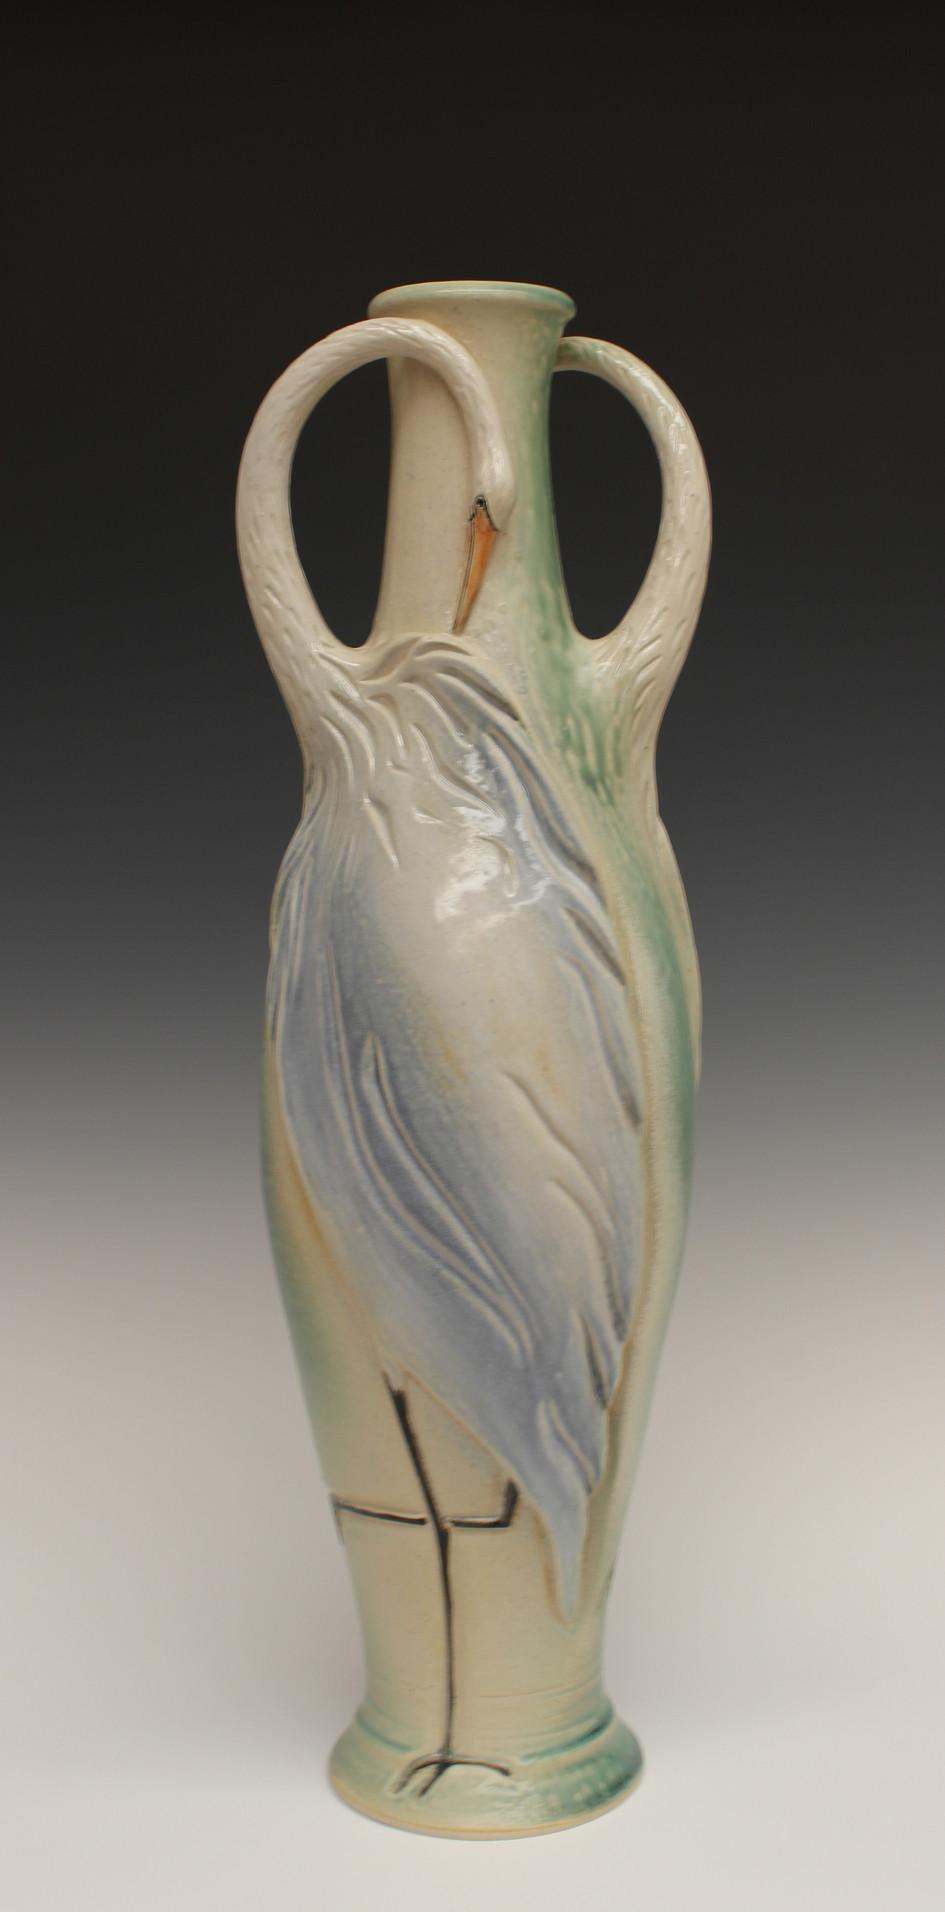 Two Herons Vase - 2017